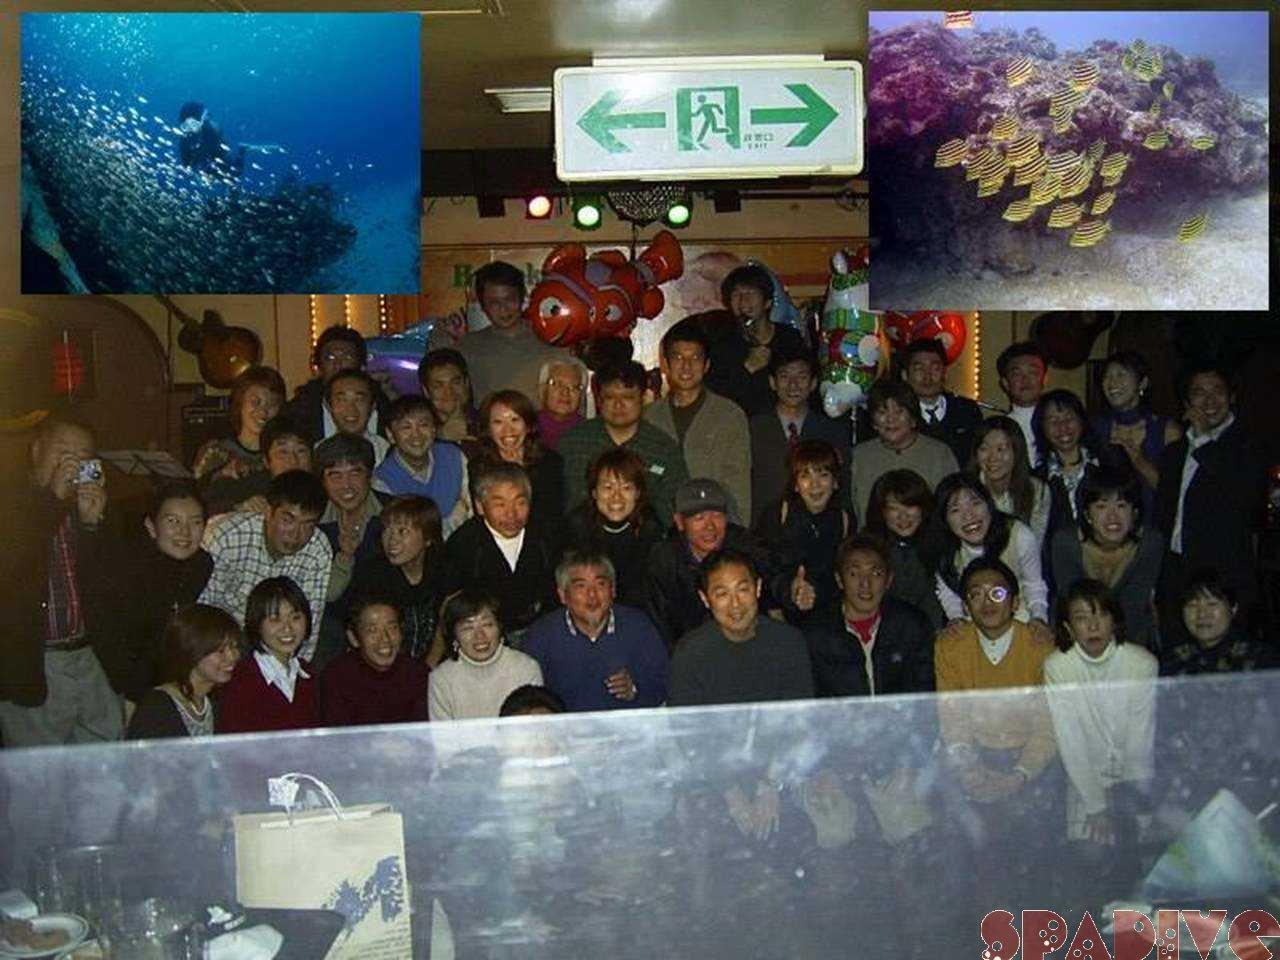 クリスマスパーティーin大阪梅田|12/12/2004